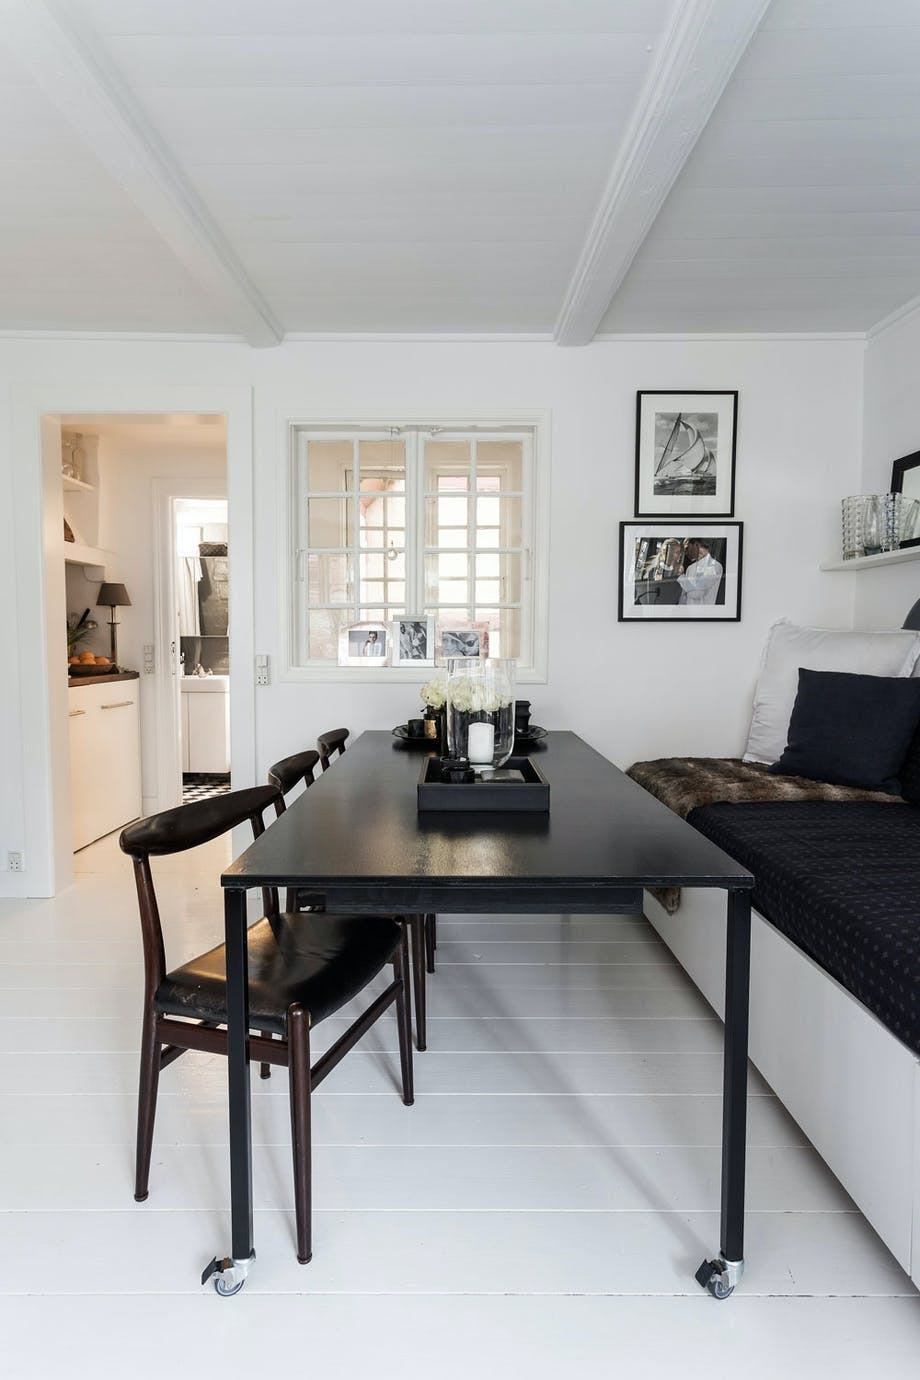 Spisebord og kjøkkenmoduler med hjul gir god plass når de rulles vekk.